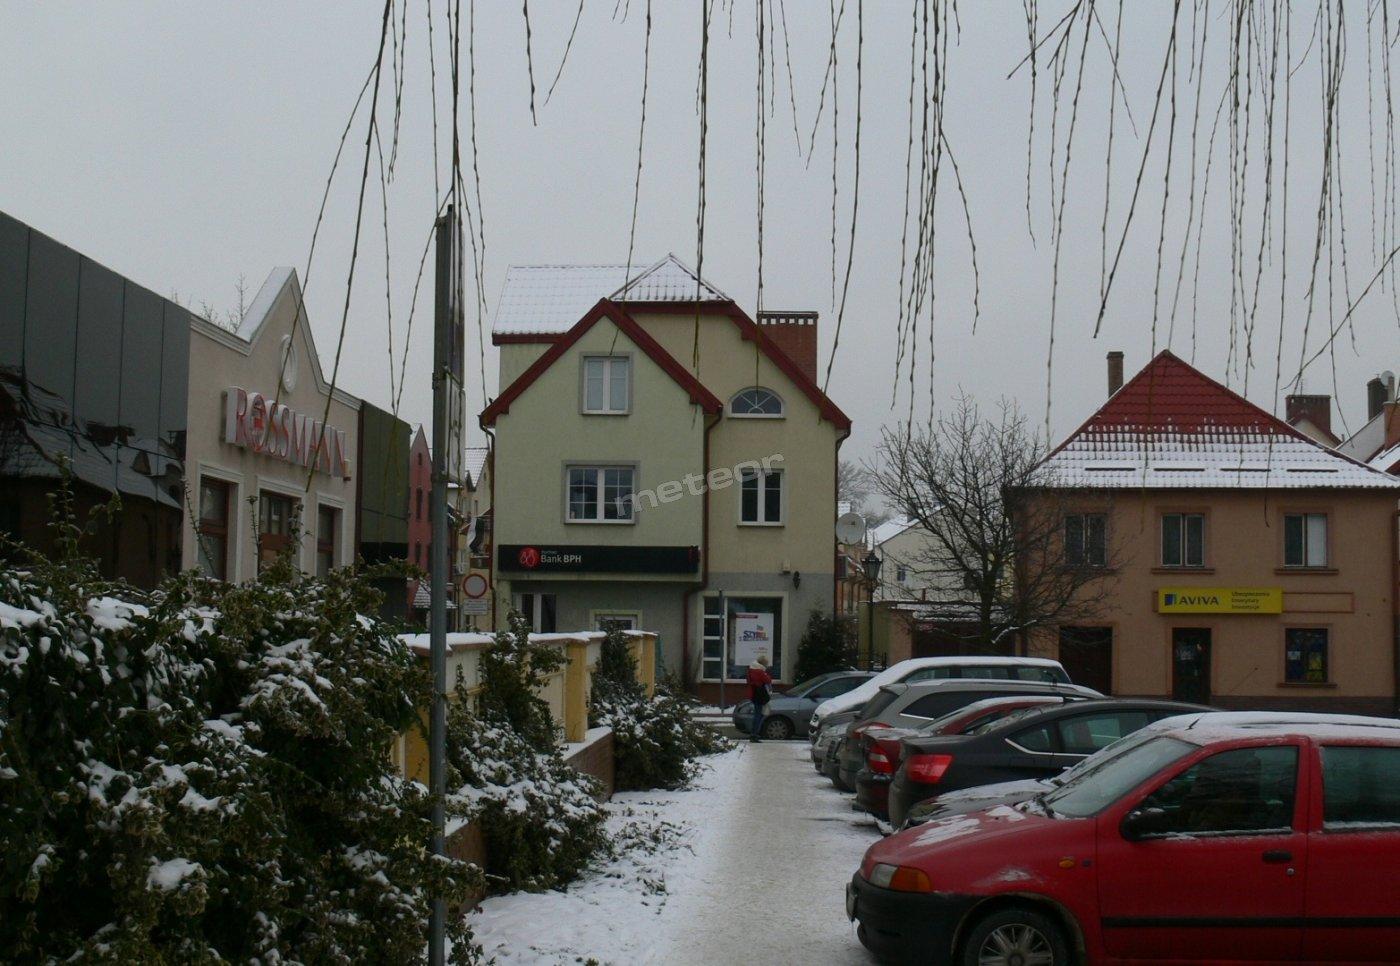 widok na budynek od strony rynku